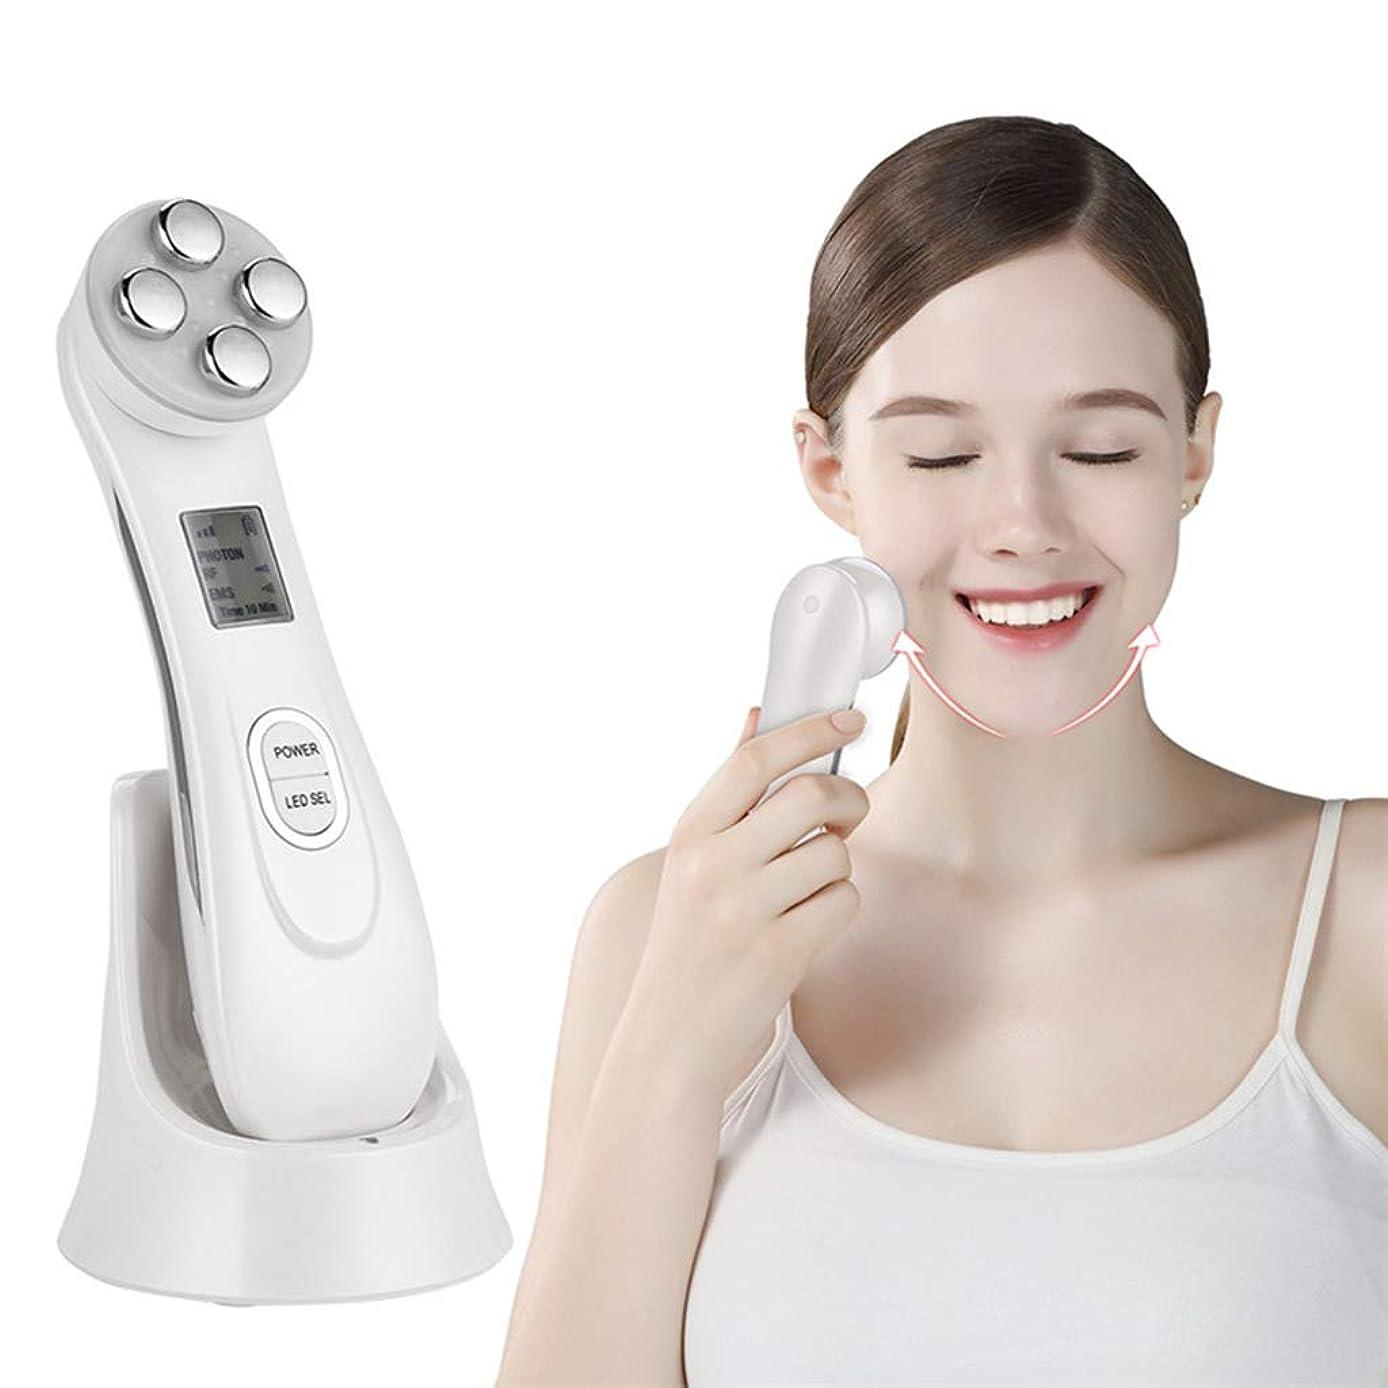 スリッパ検索エンジンマーケティングシダしわ除去機5 in 1Facial Skin Tightening Beauty Deviceは、しわの年齢や紫外線によって損傷した皮膚の外観を改善します